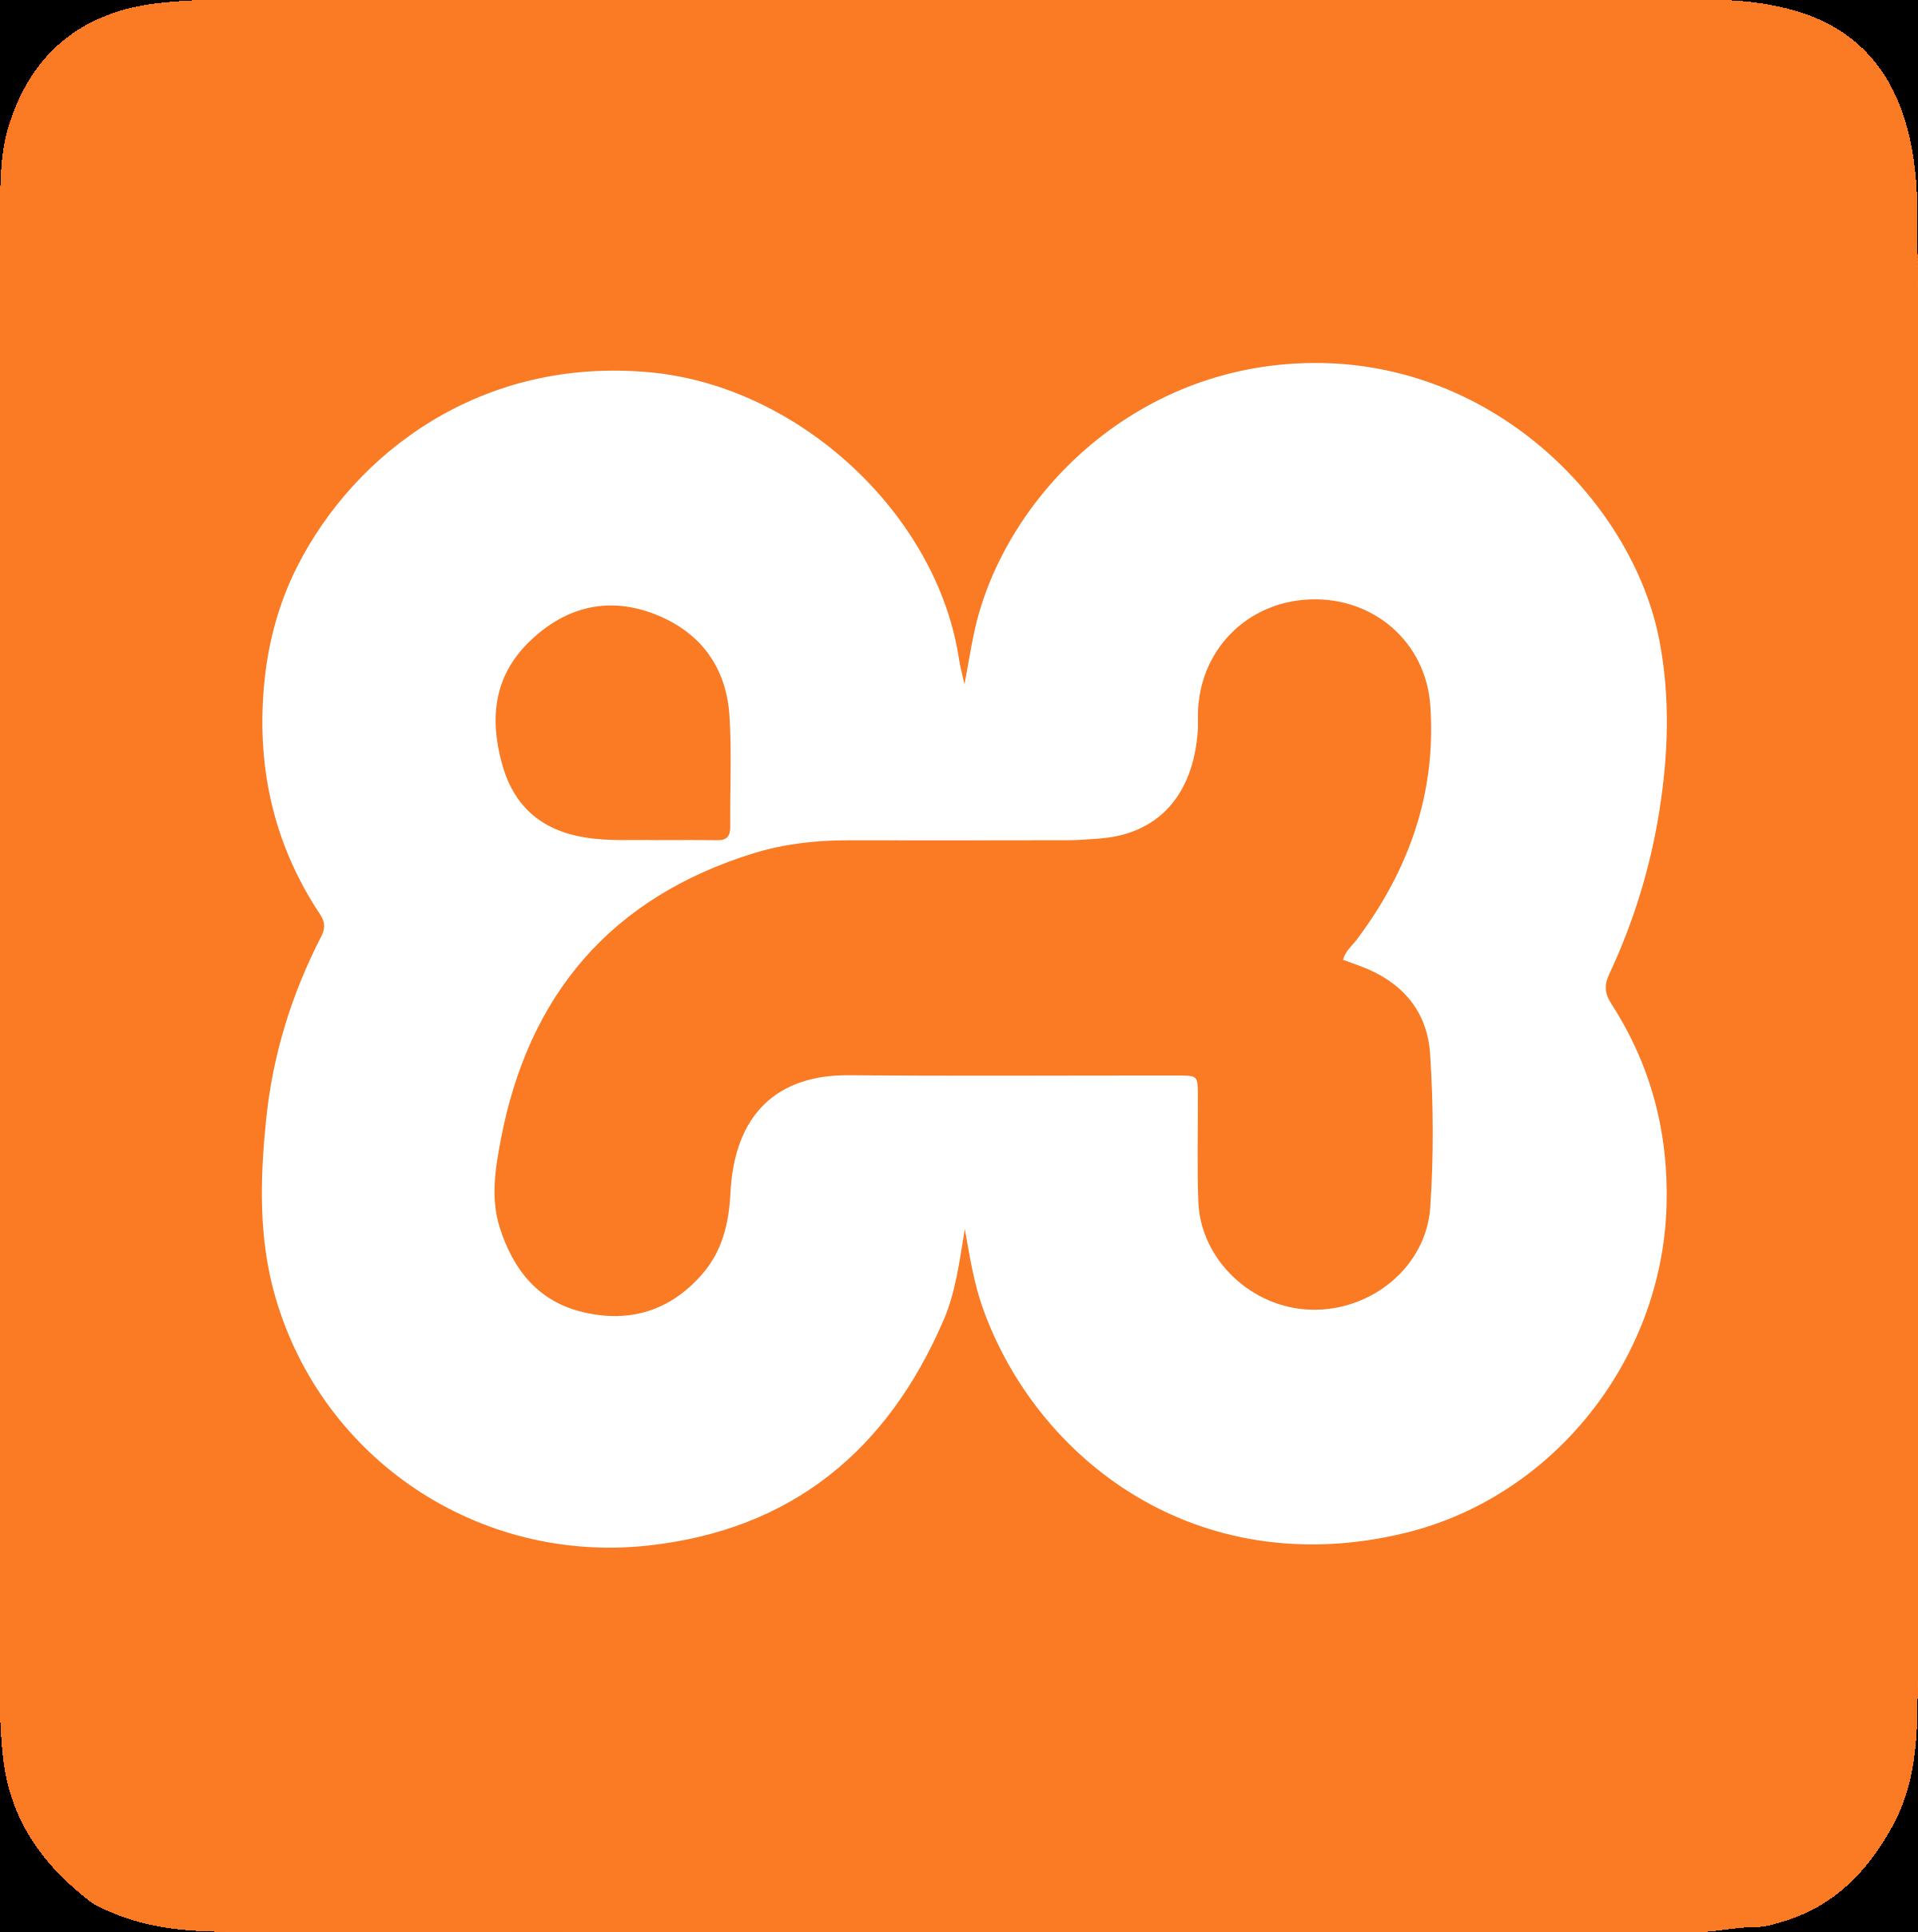 xampp-logo-png-transparent